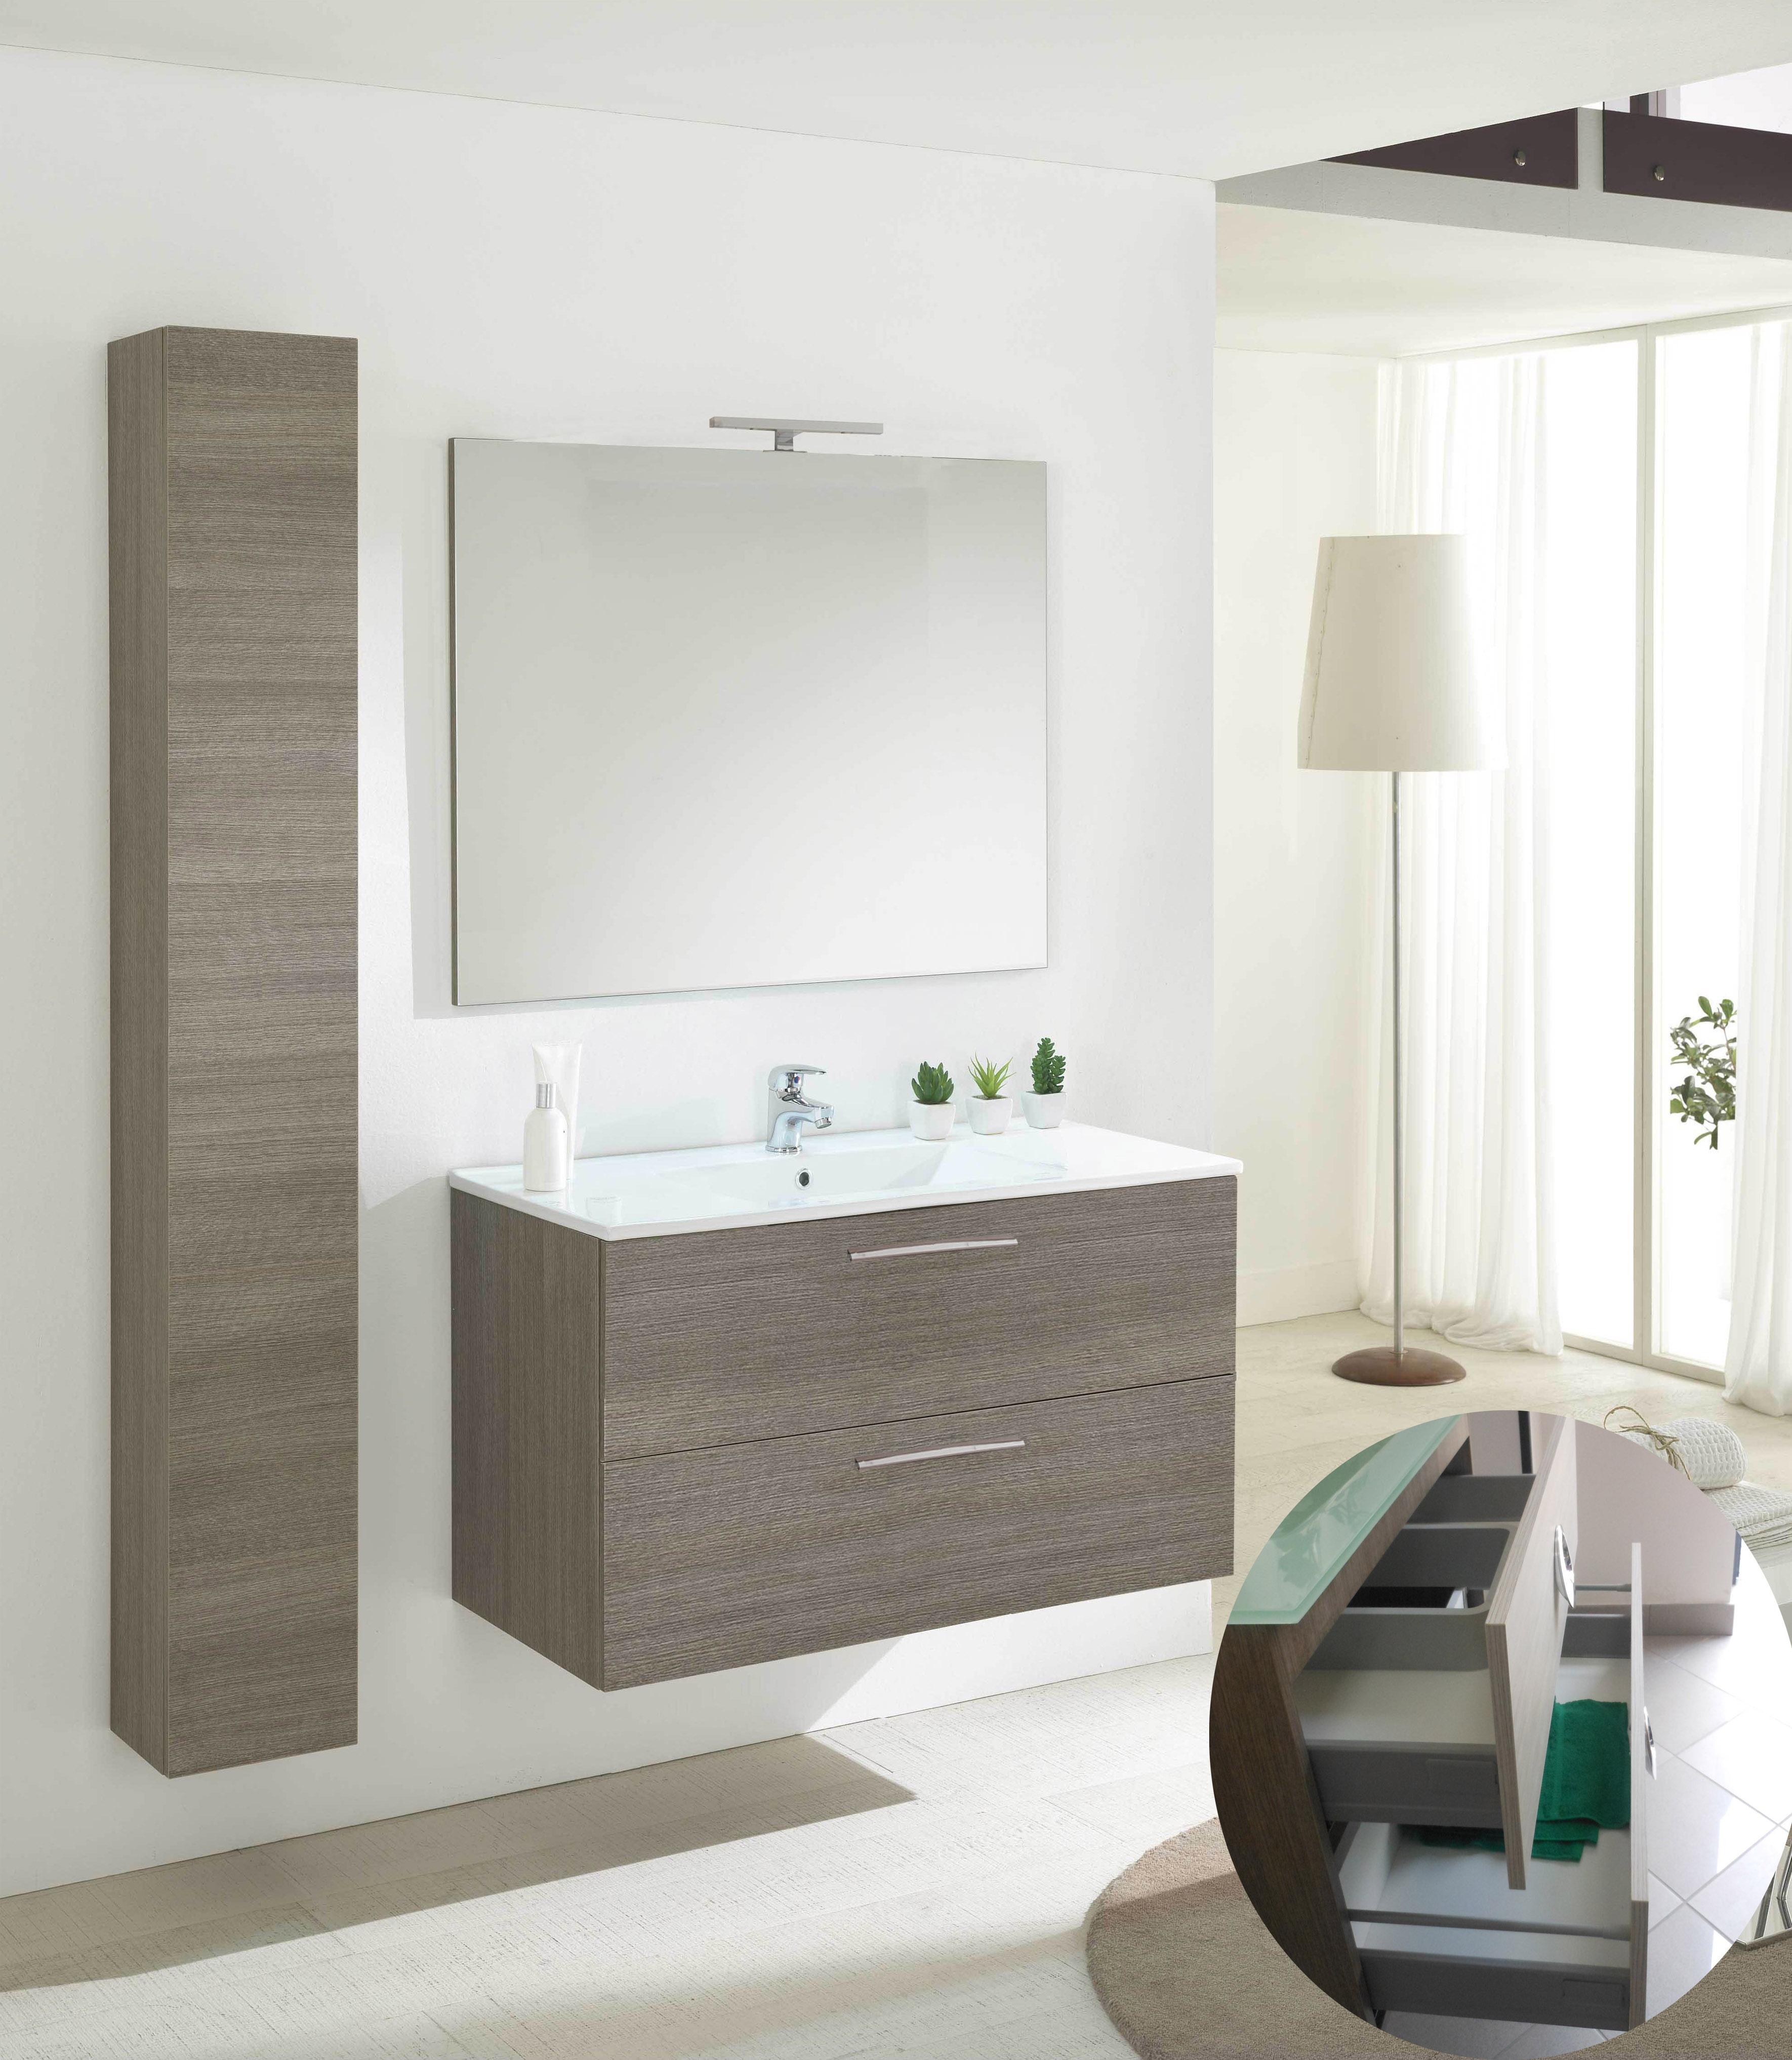 savini mobili da bagno - mobili da bagno - edilceramiche di maccanò - Arredo Bagno Savini